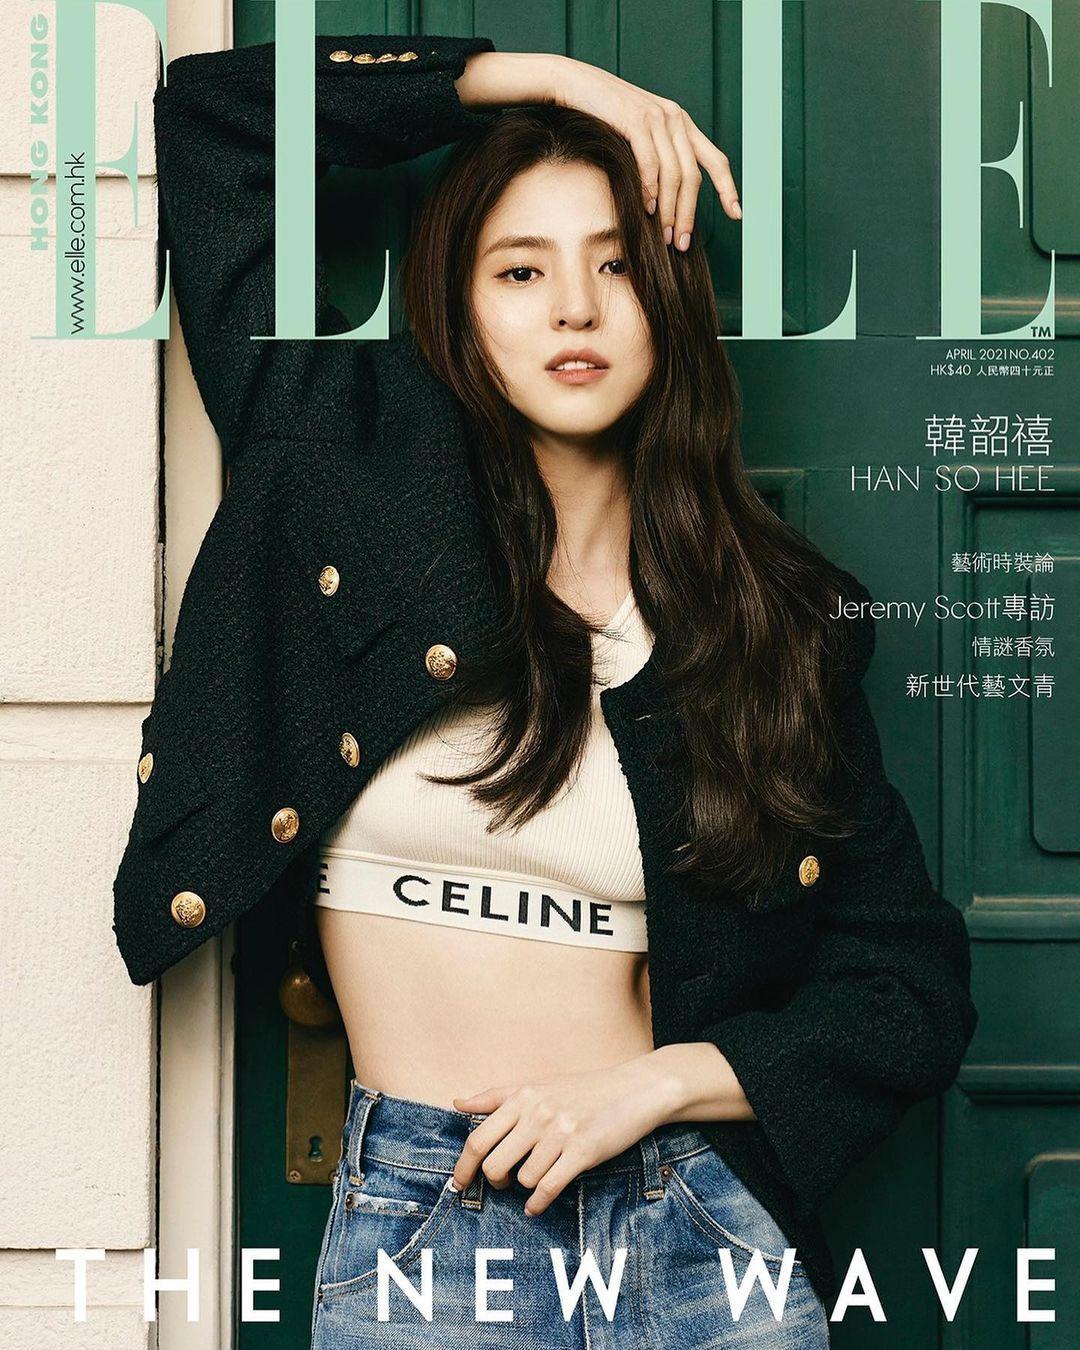 Vẻ đẹp gợi cảm của Han So Hee  - 4